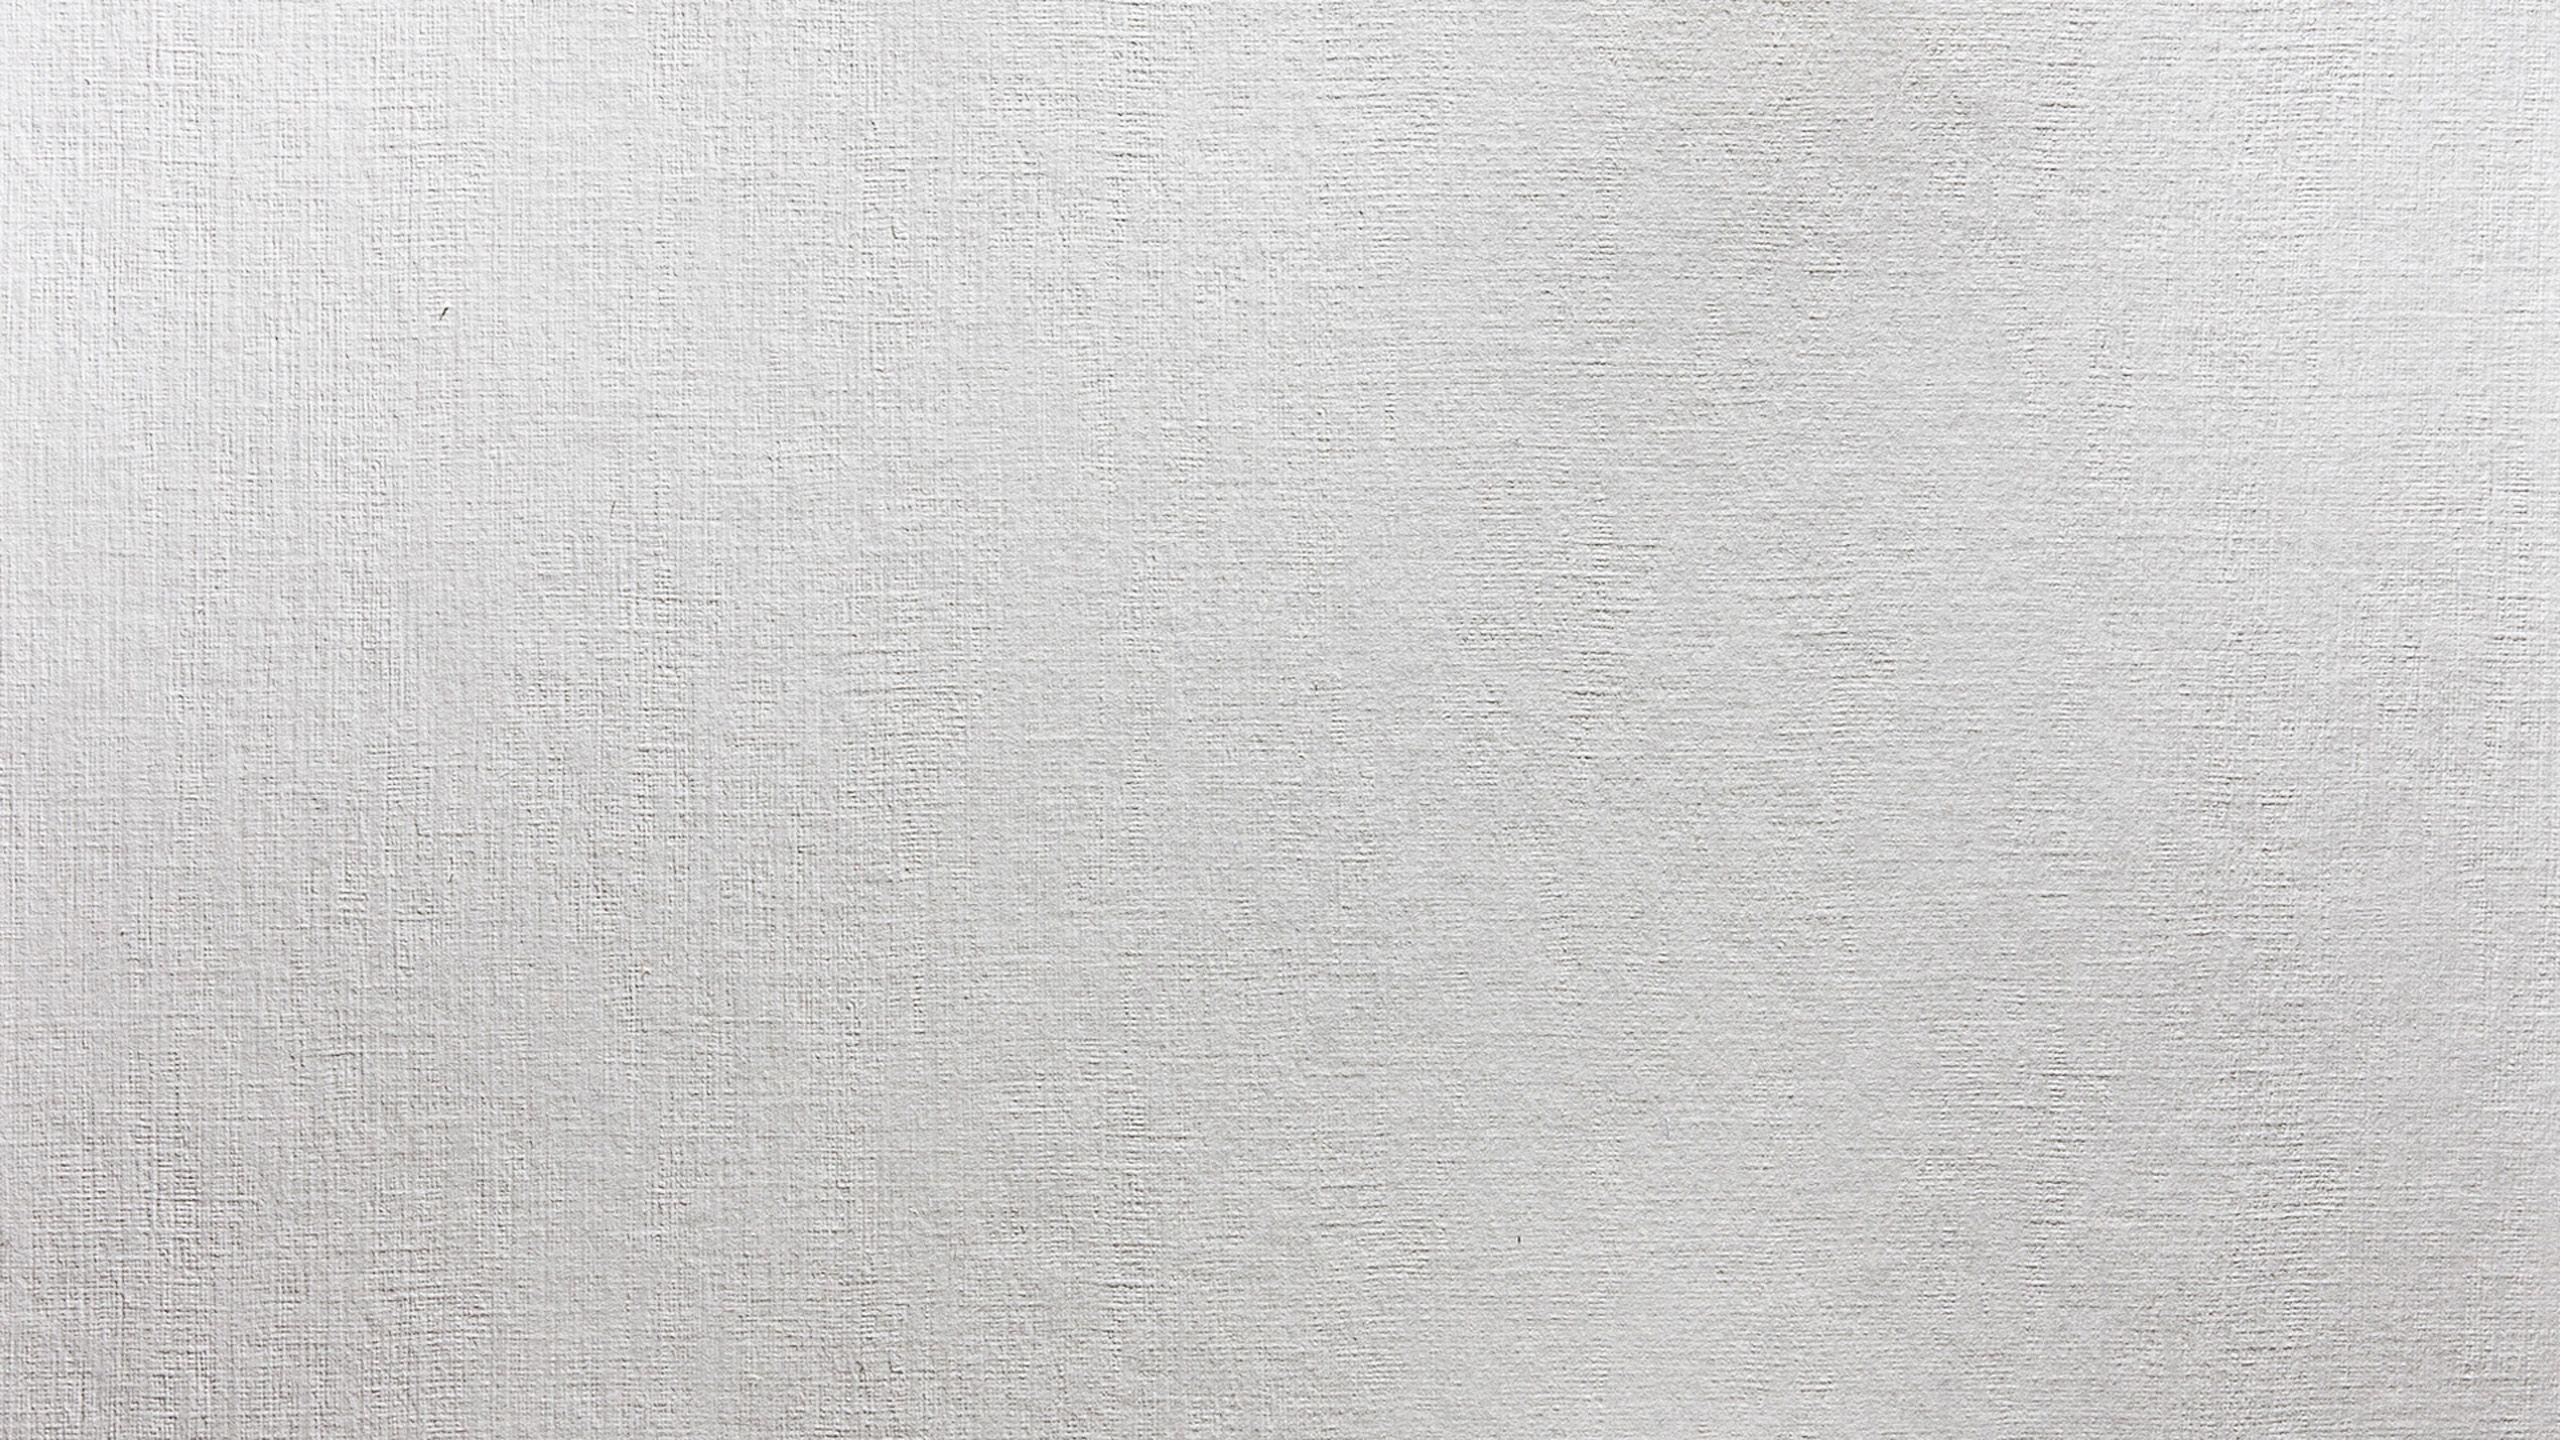 Silver Textured Wallpaper 08 2560X1440 (2560 1440)